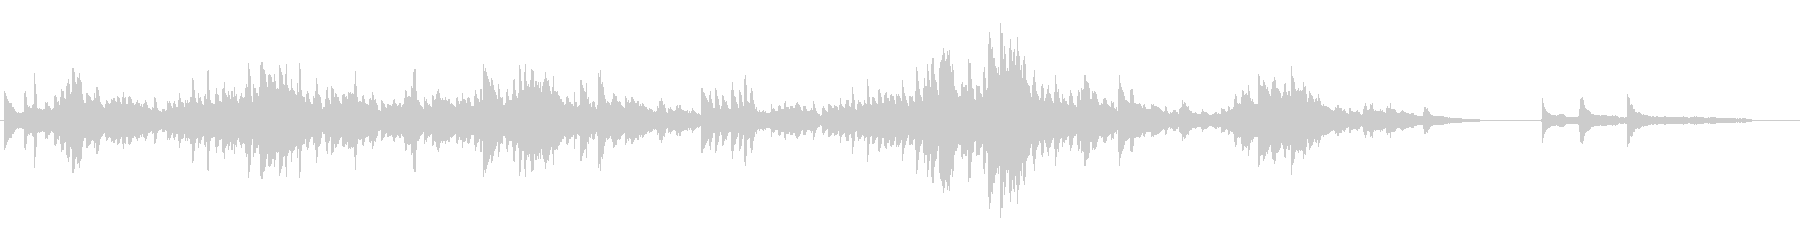 ショパン24の前奏曲第4番ホ短調の未再生の波形